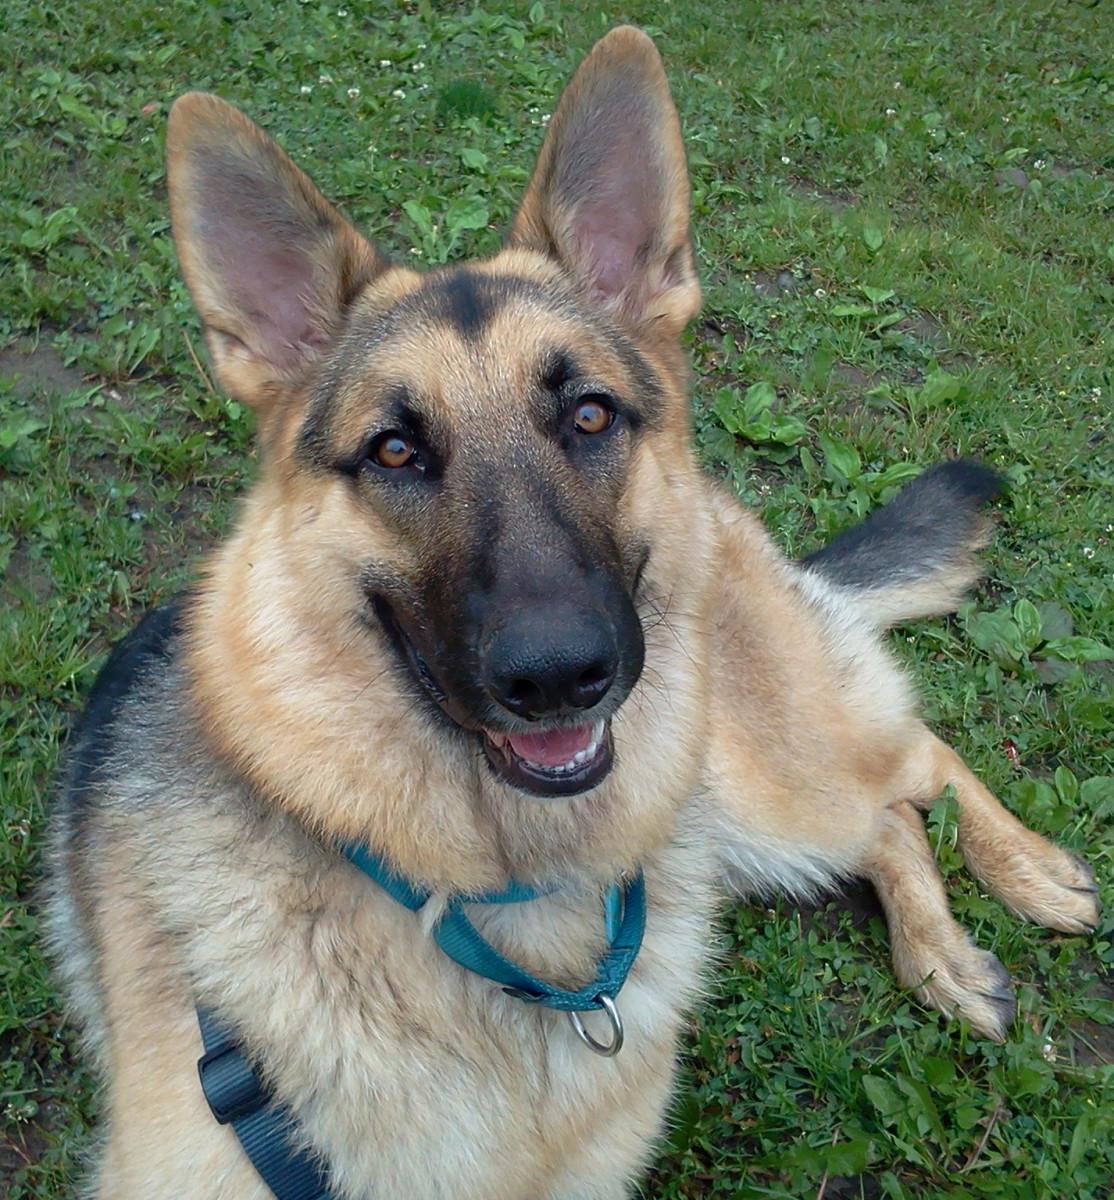 My German Shepherd, Harley.